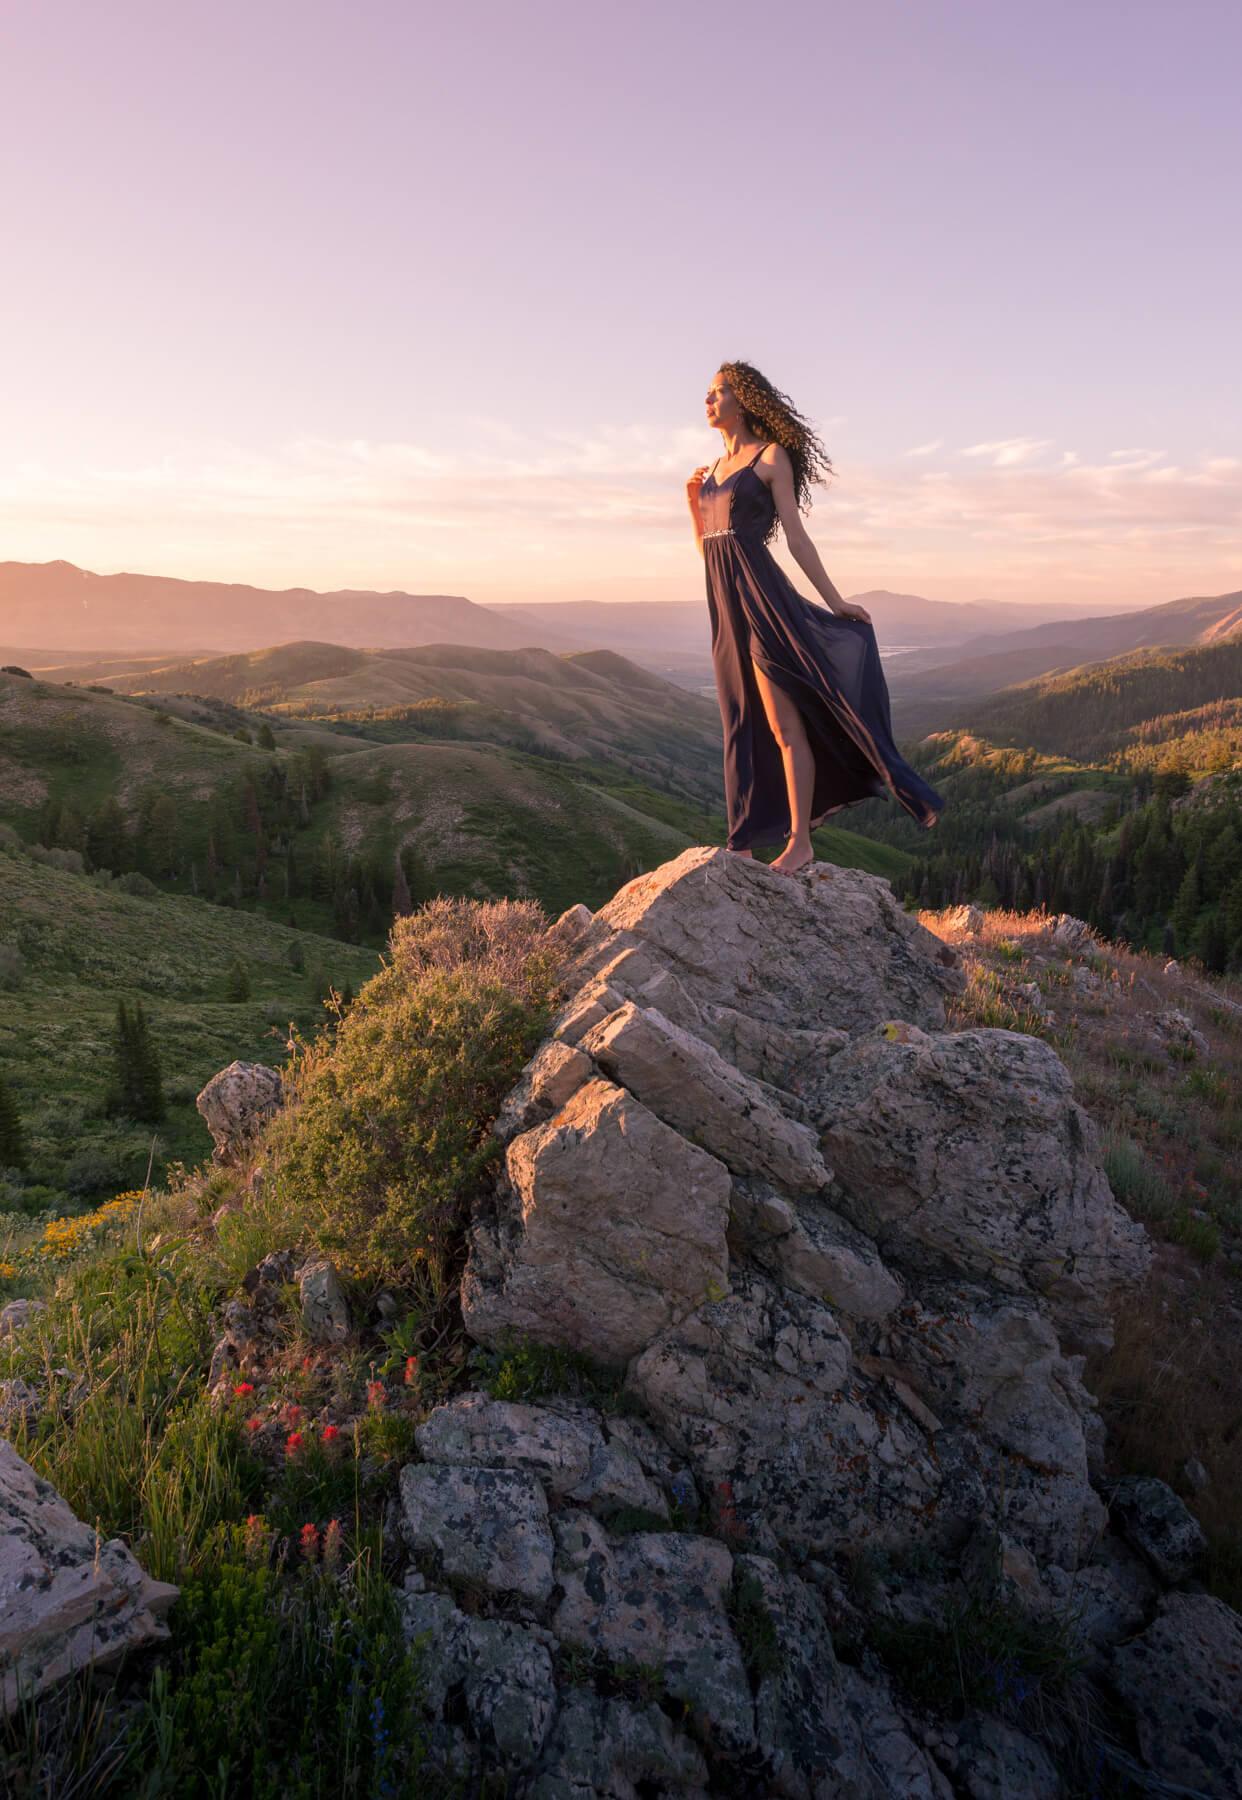 Landscape portrait photography shot list